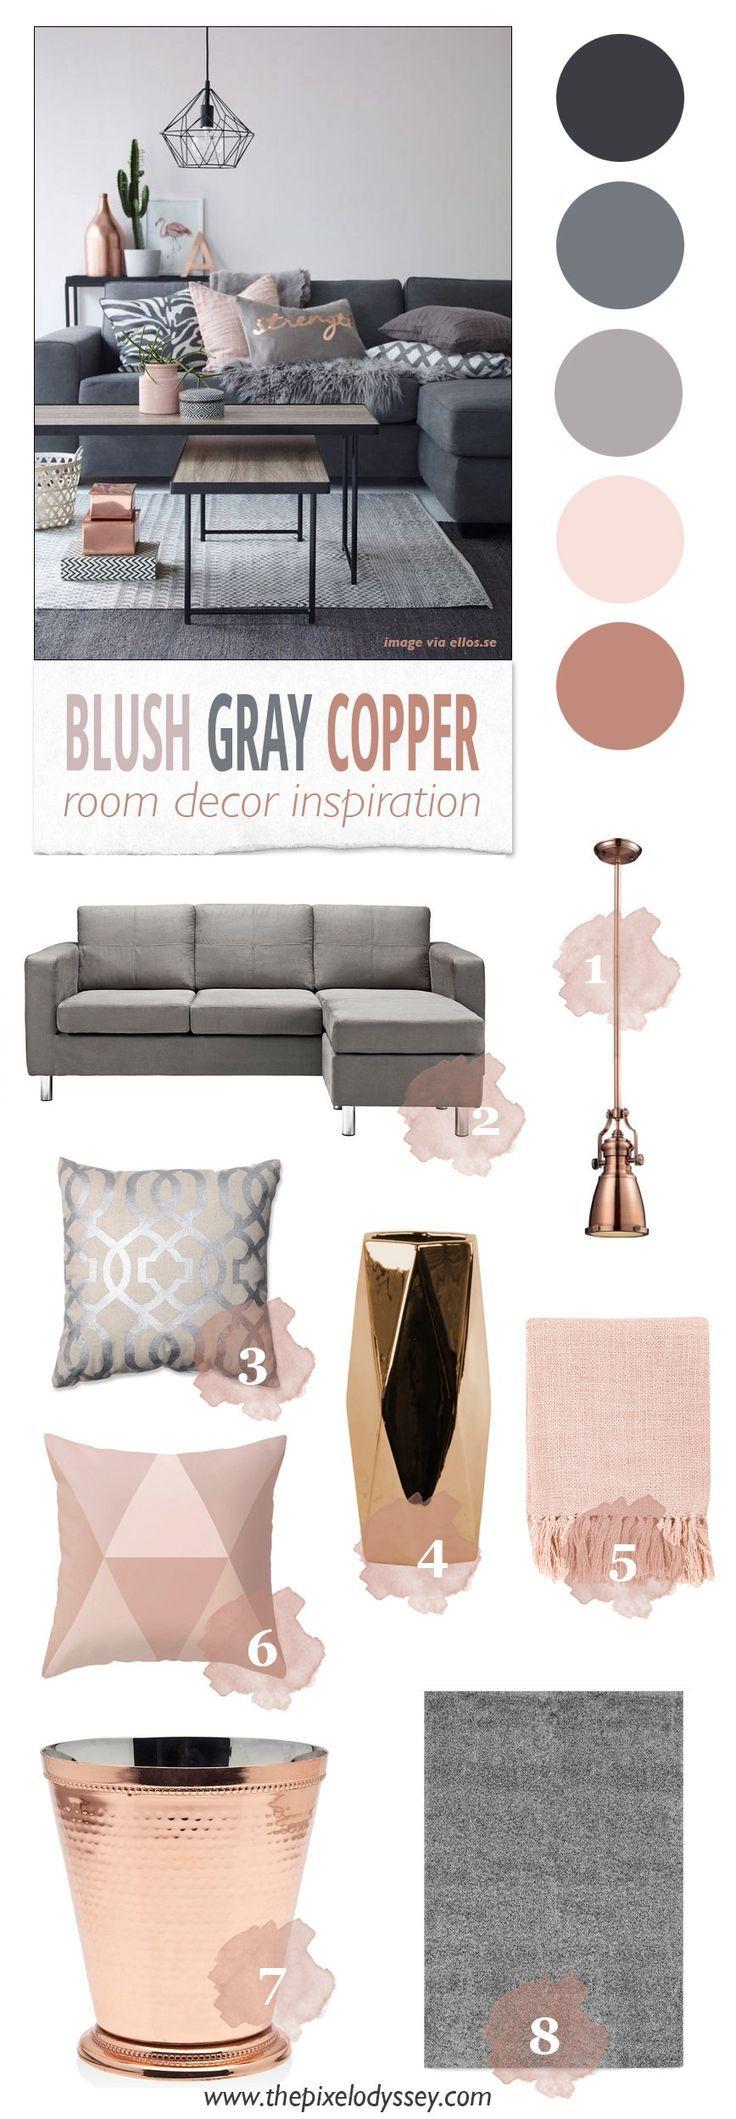 Blush Gray Copper Room Decor Inspiration The Pixel Odyssey Copper Room Decor Copper Room Apartment Decor